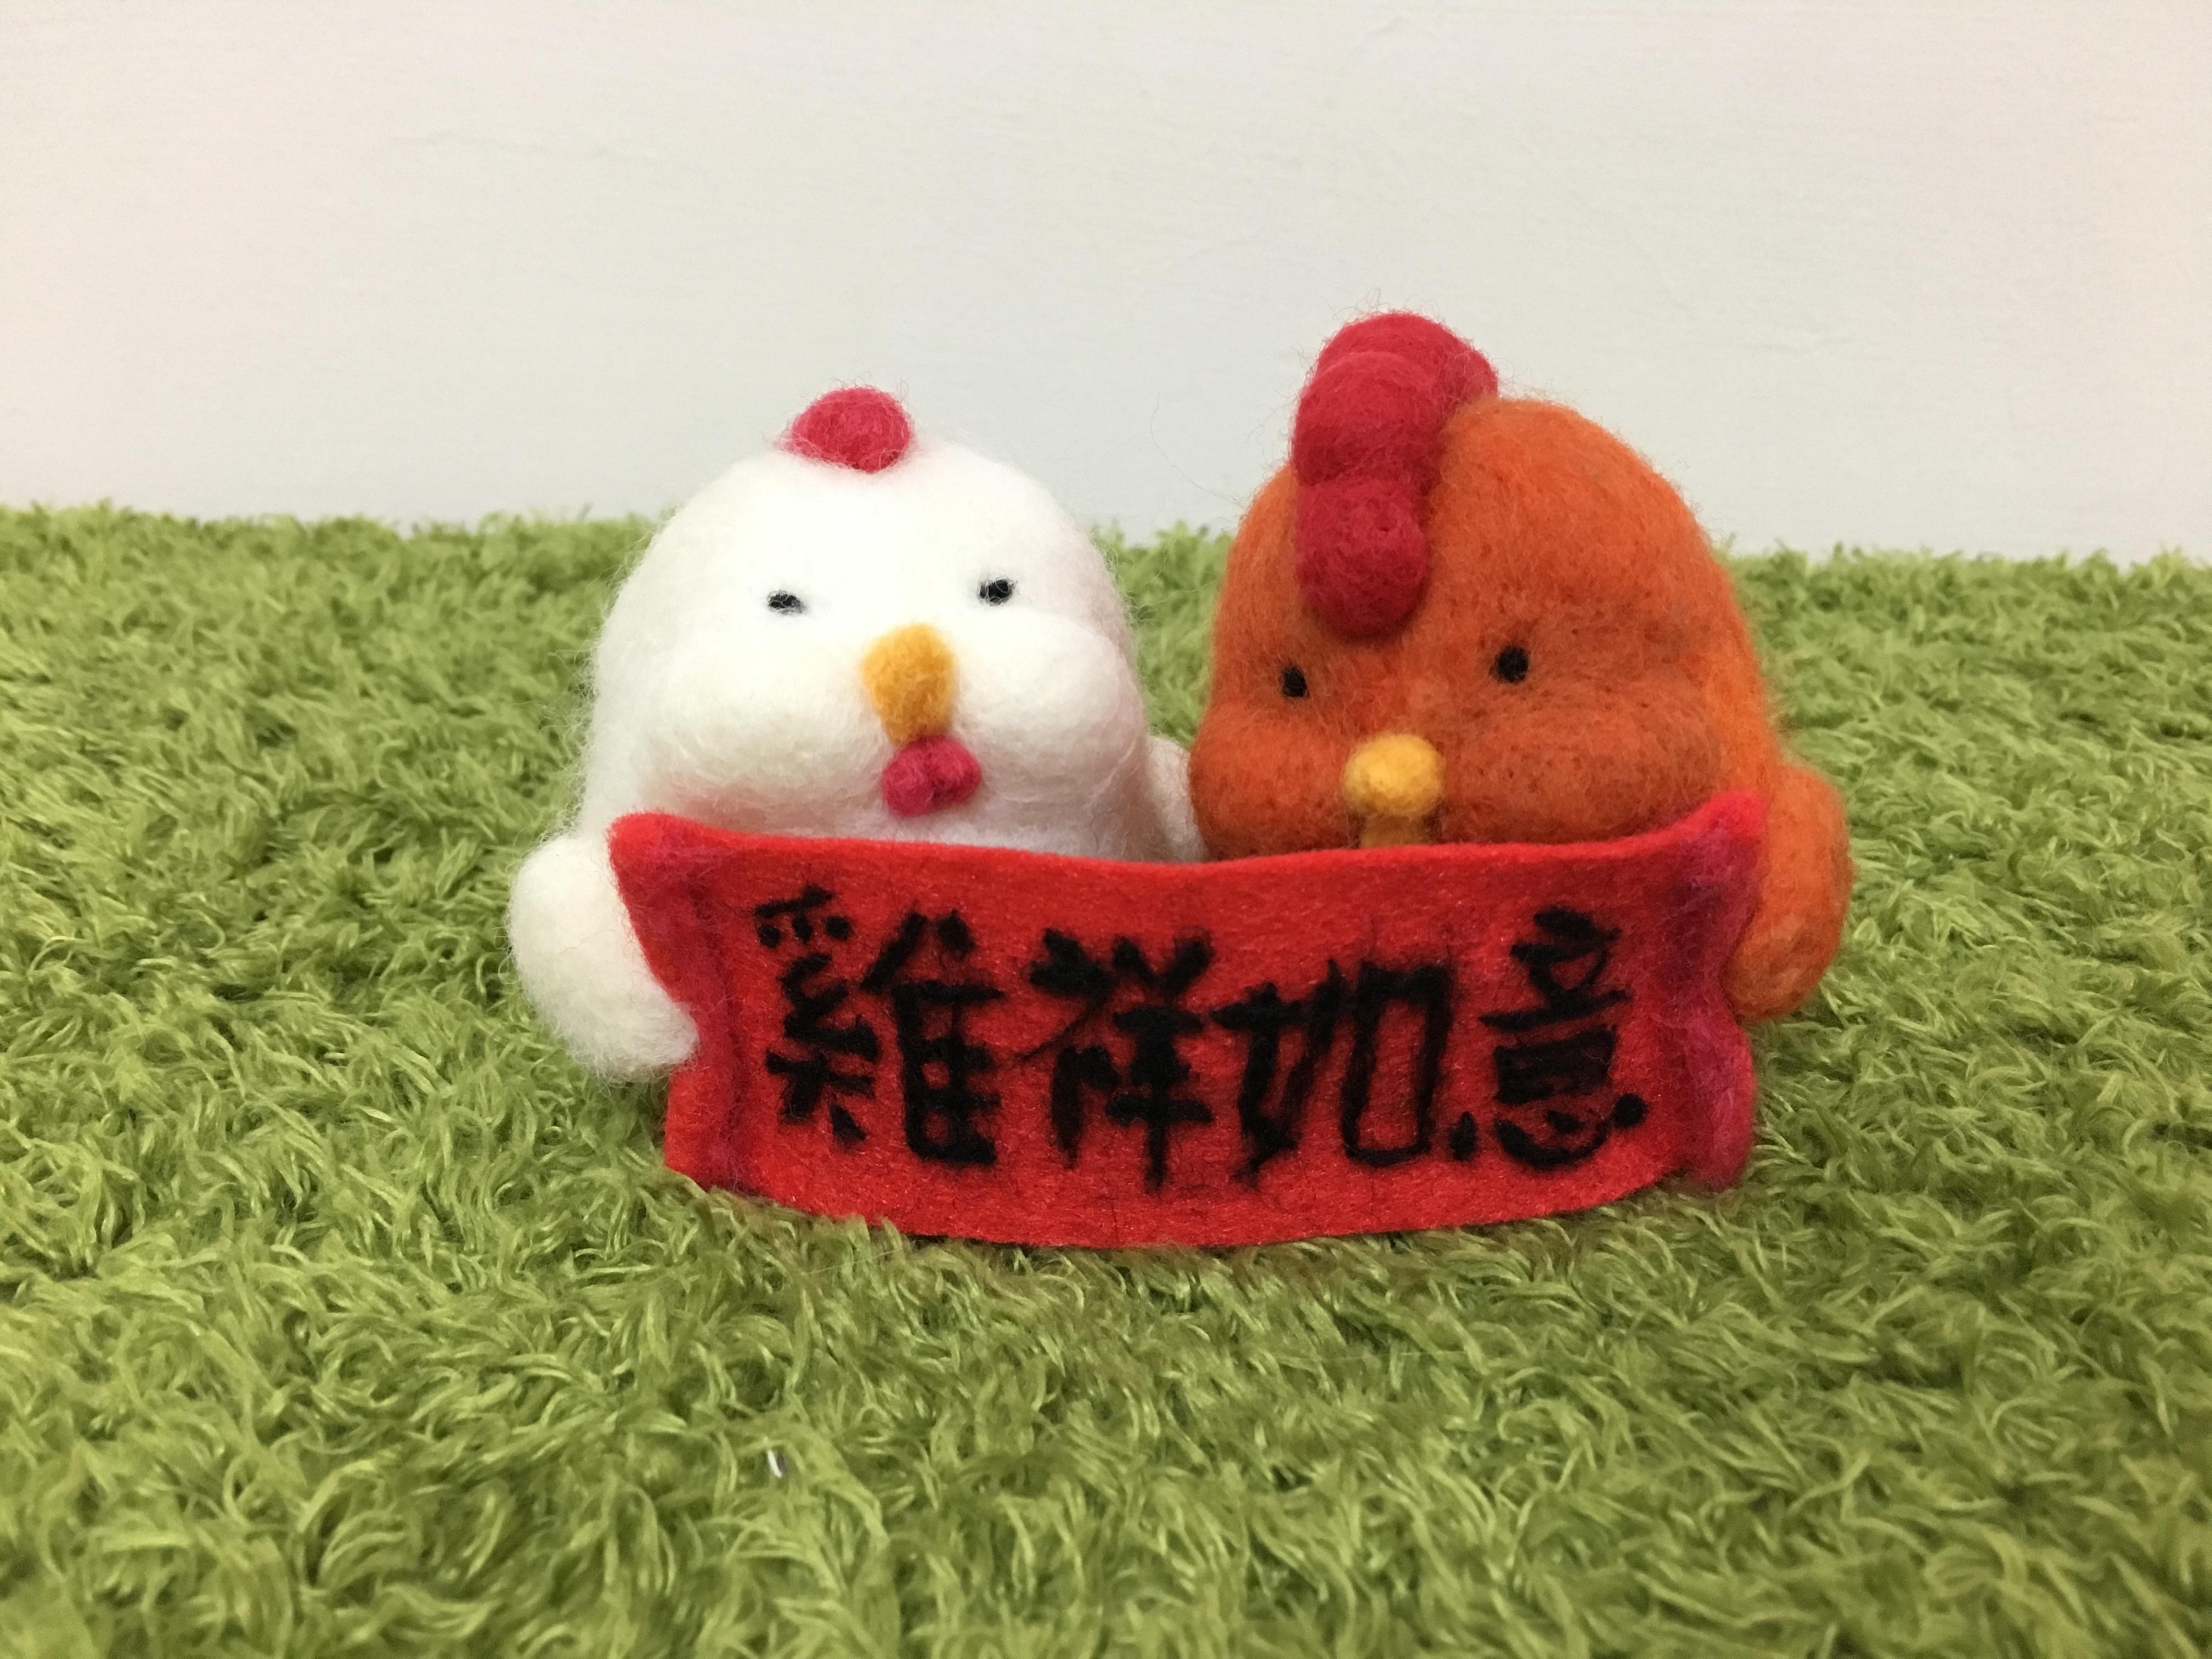 【影片教學】雞祥如意,新春賀歲羊毛氈教學